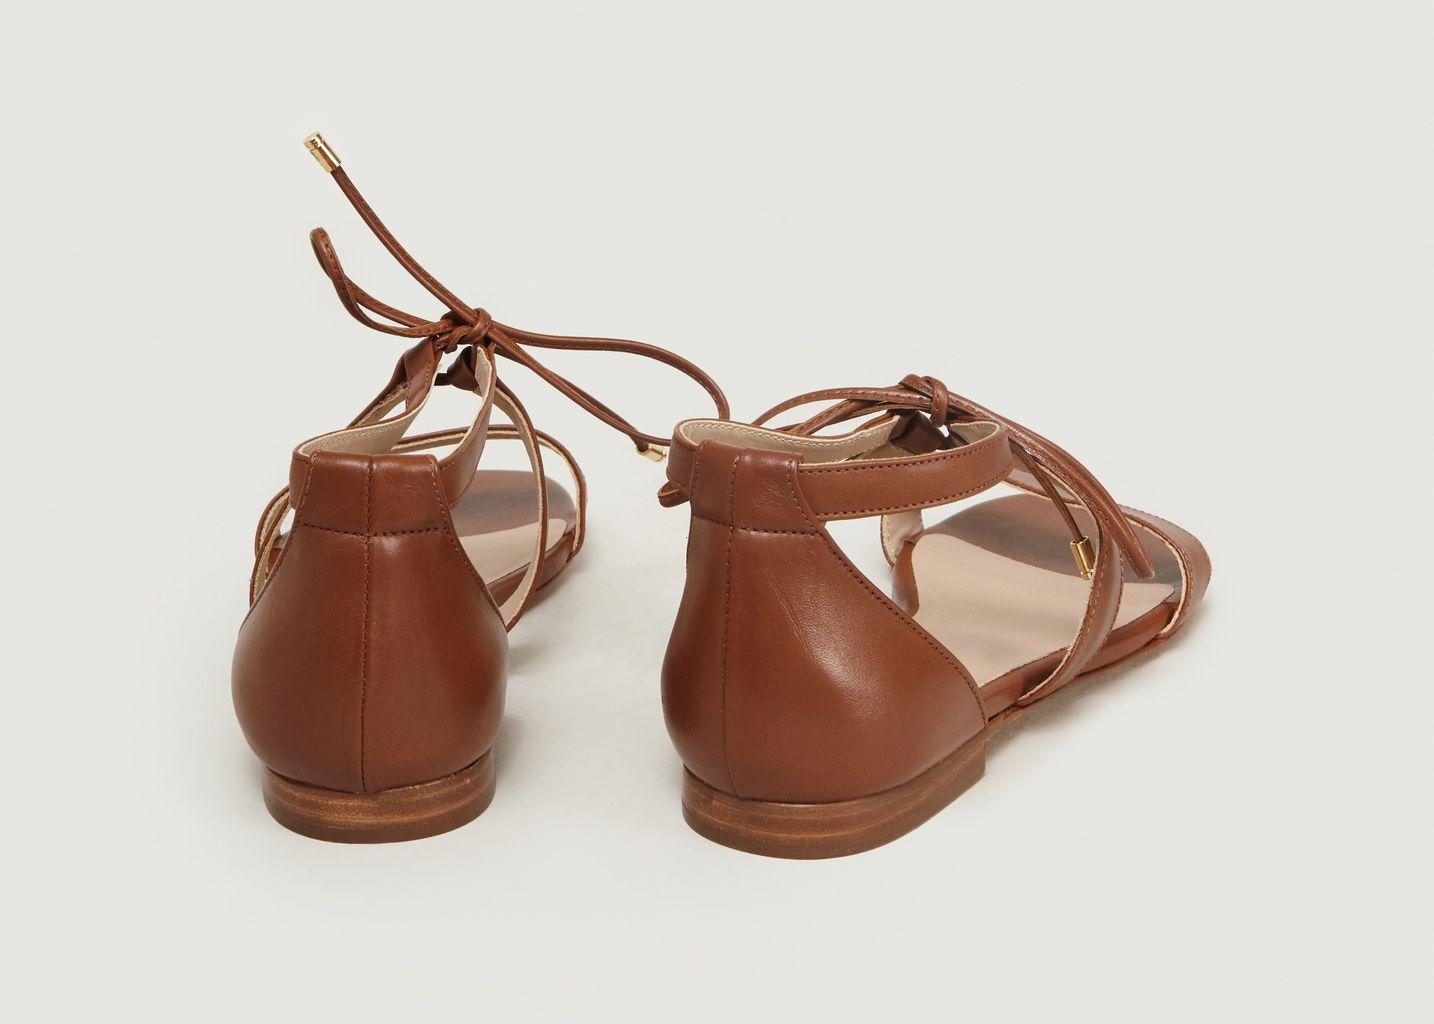 Sandales Plates En Cuir Aphrodite - Bobbies Paris